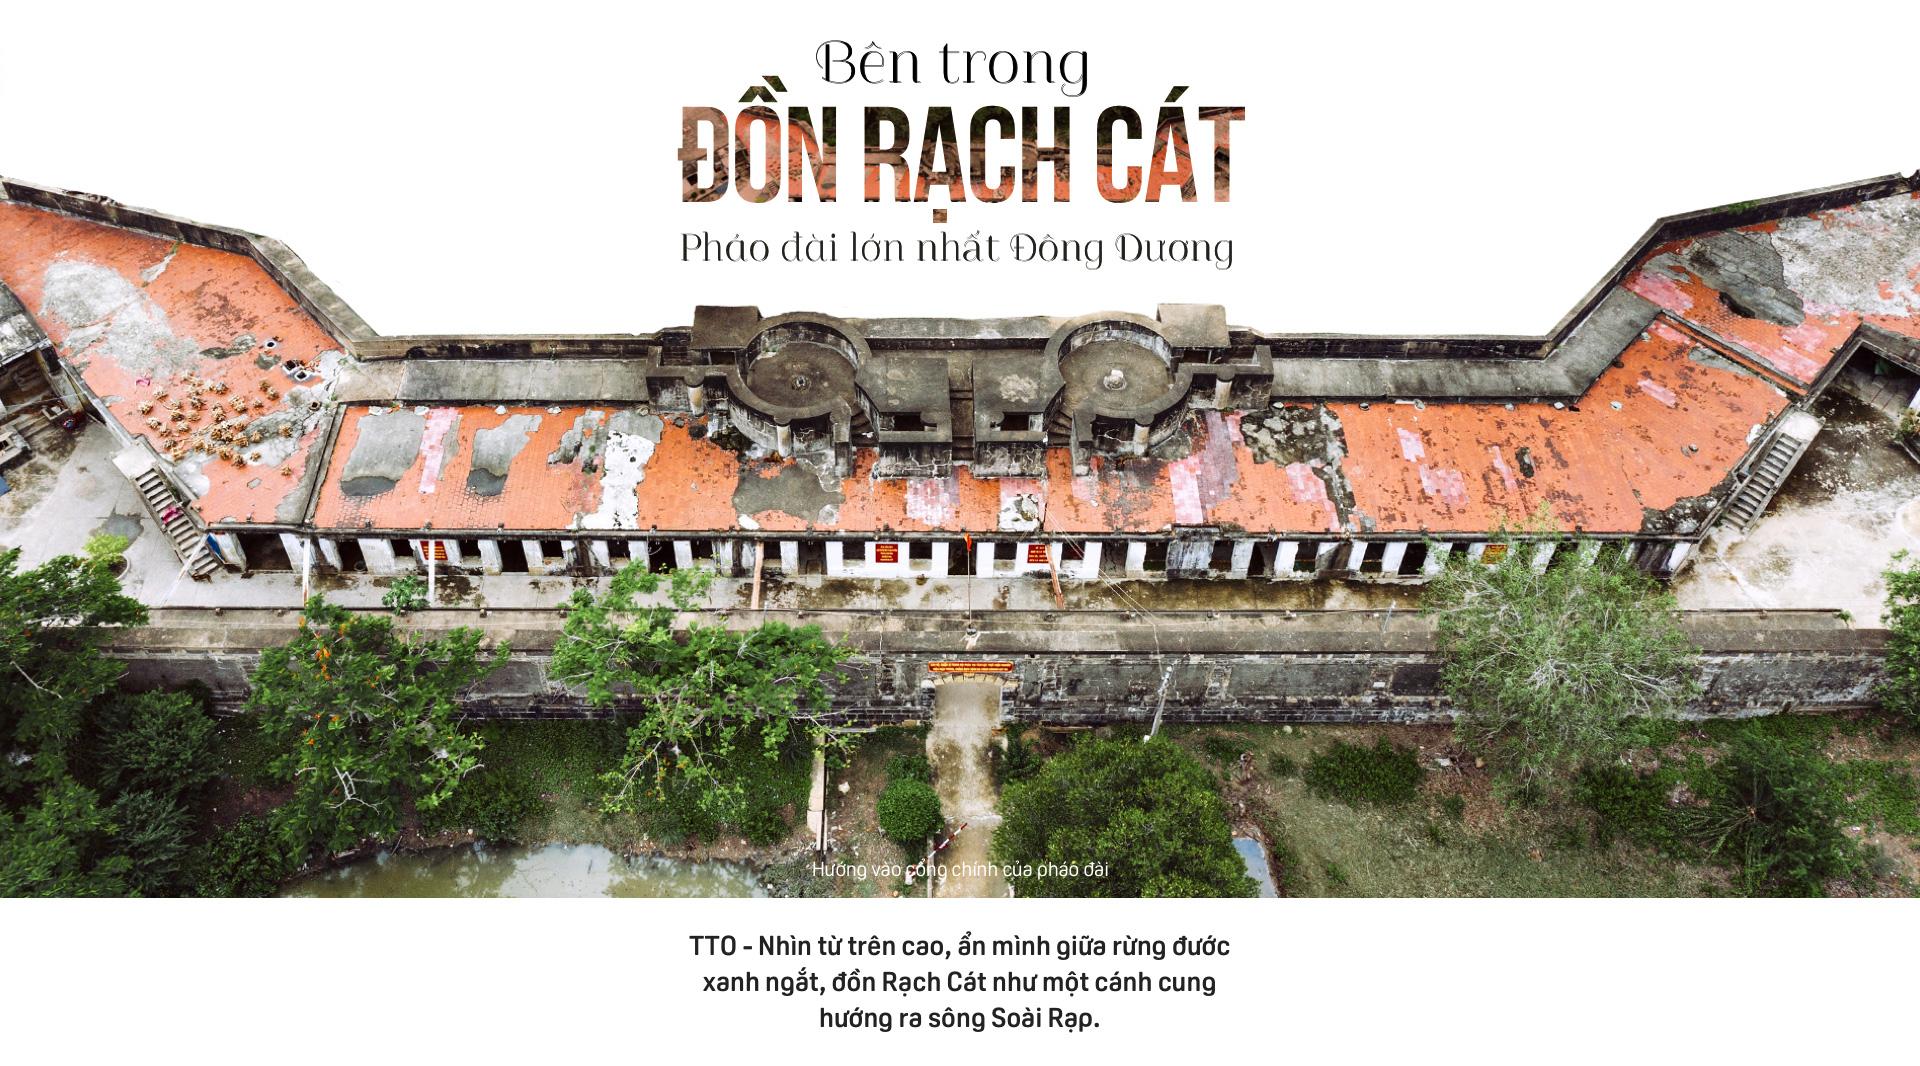 Bên trong Đồn Rạch Cát - pháo đài lớn nhất Đông Dương - Ảnh 1.